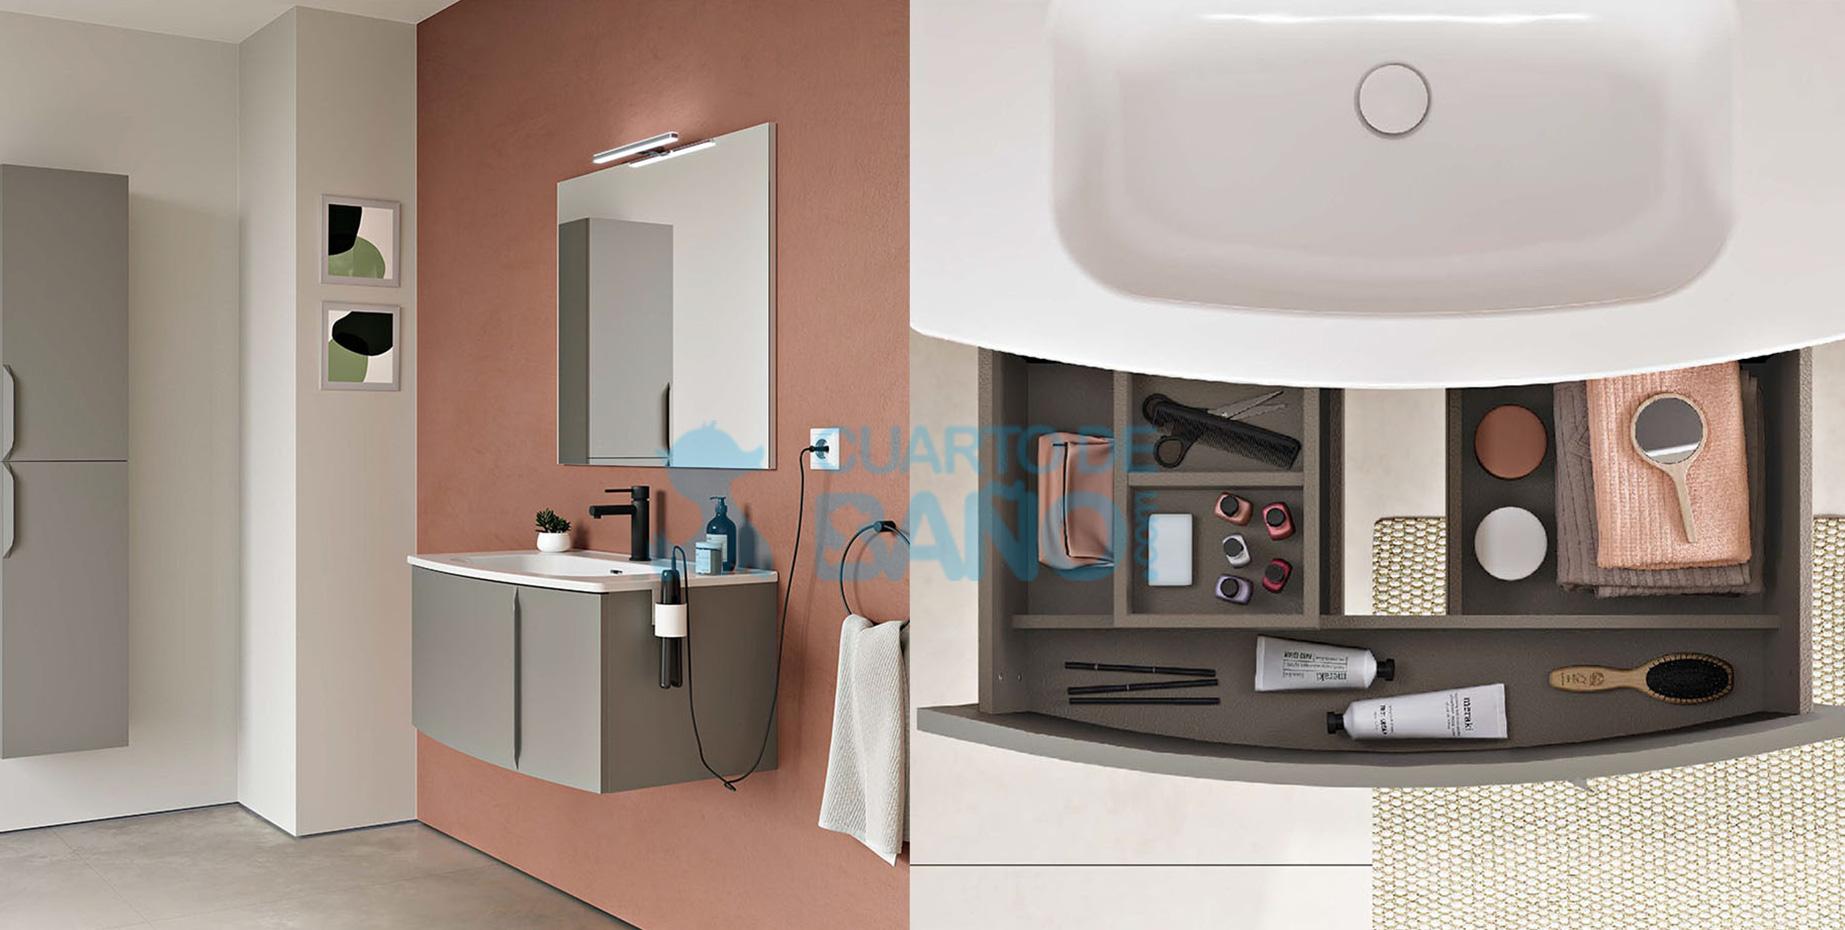 Muebles de baño WAVE de Royo Group